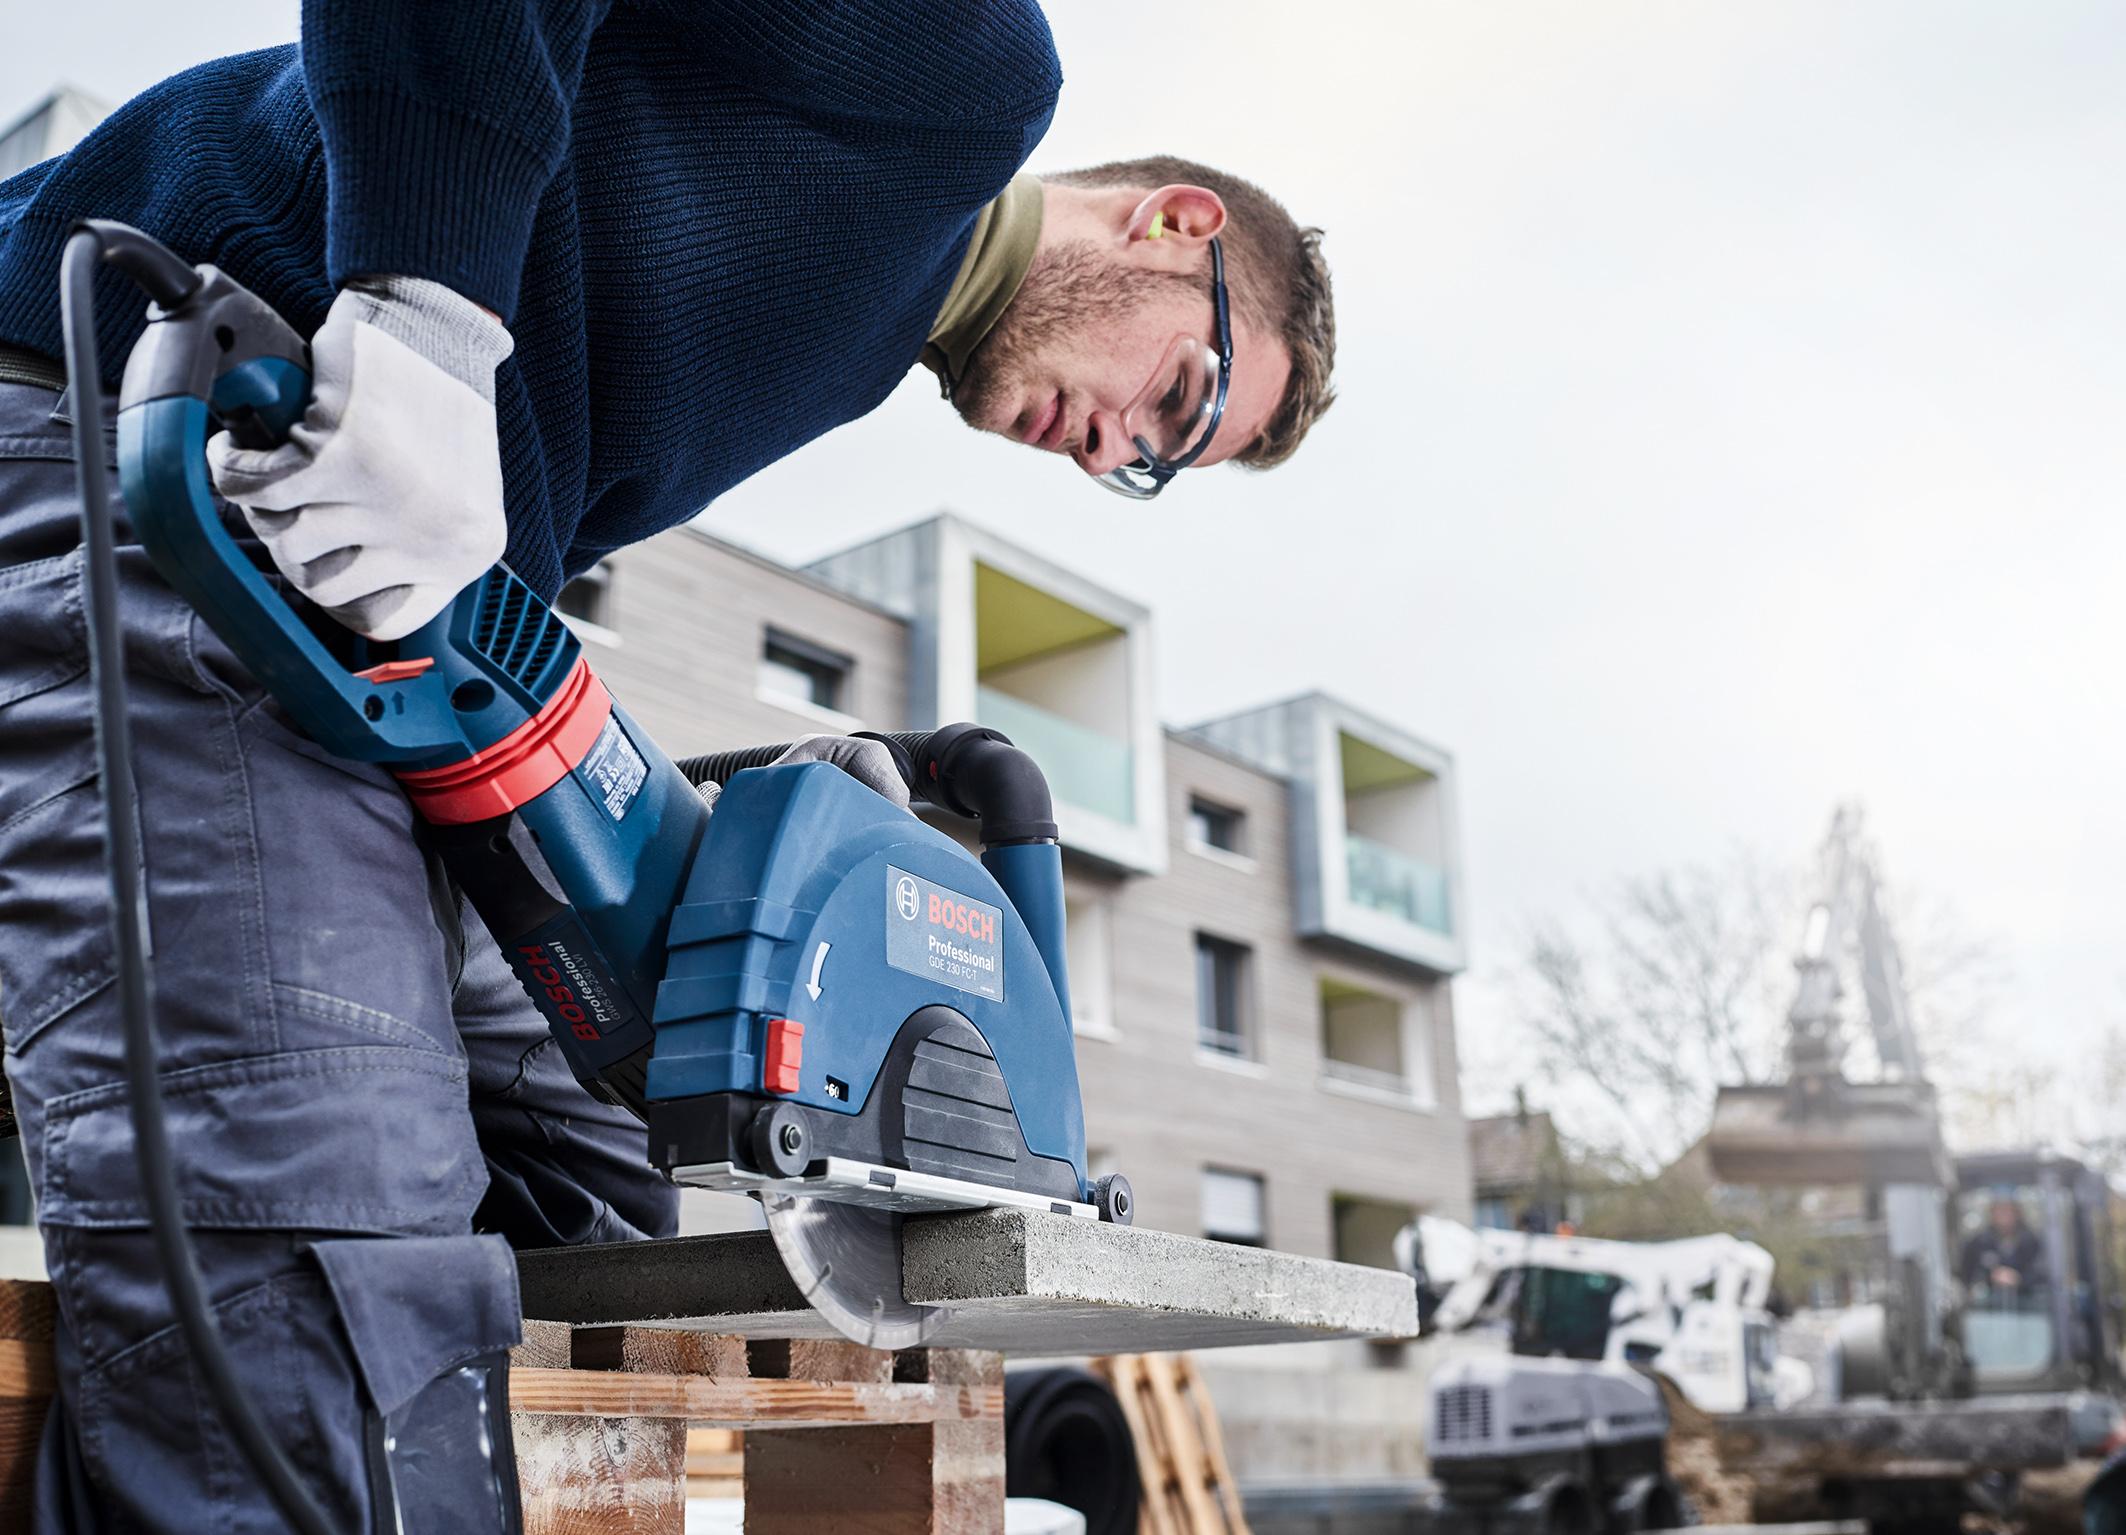 Zuverlassige Schnitte In Verschiedenste Baumaterialien Bosch